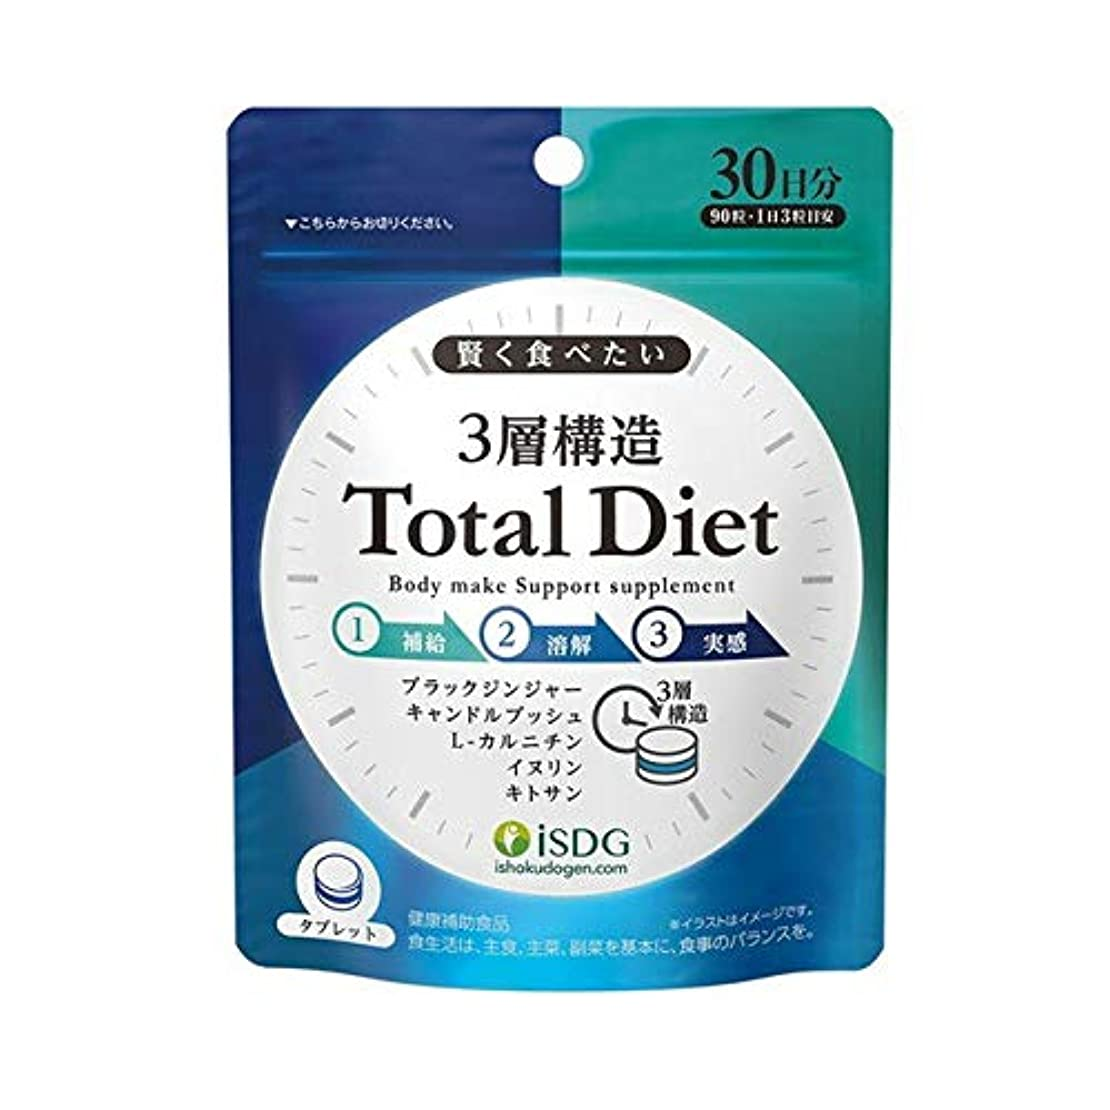 なる容赦ないシーケンス医食同源ドットコム ISDG 3層構造 Total Diet 90粒入 トータル ダイエット×3個セット